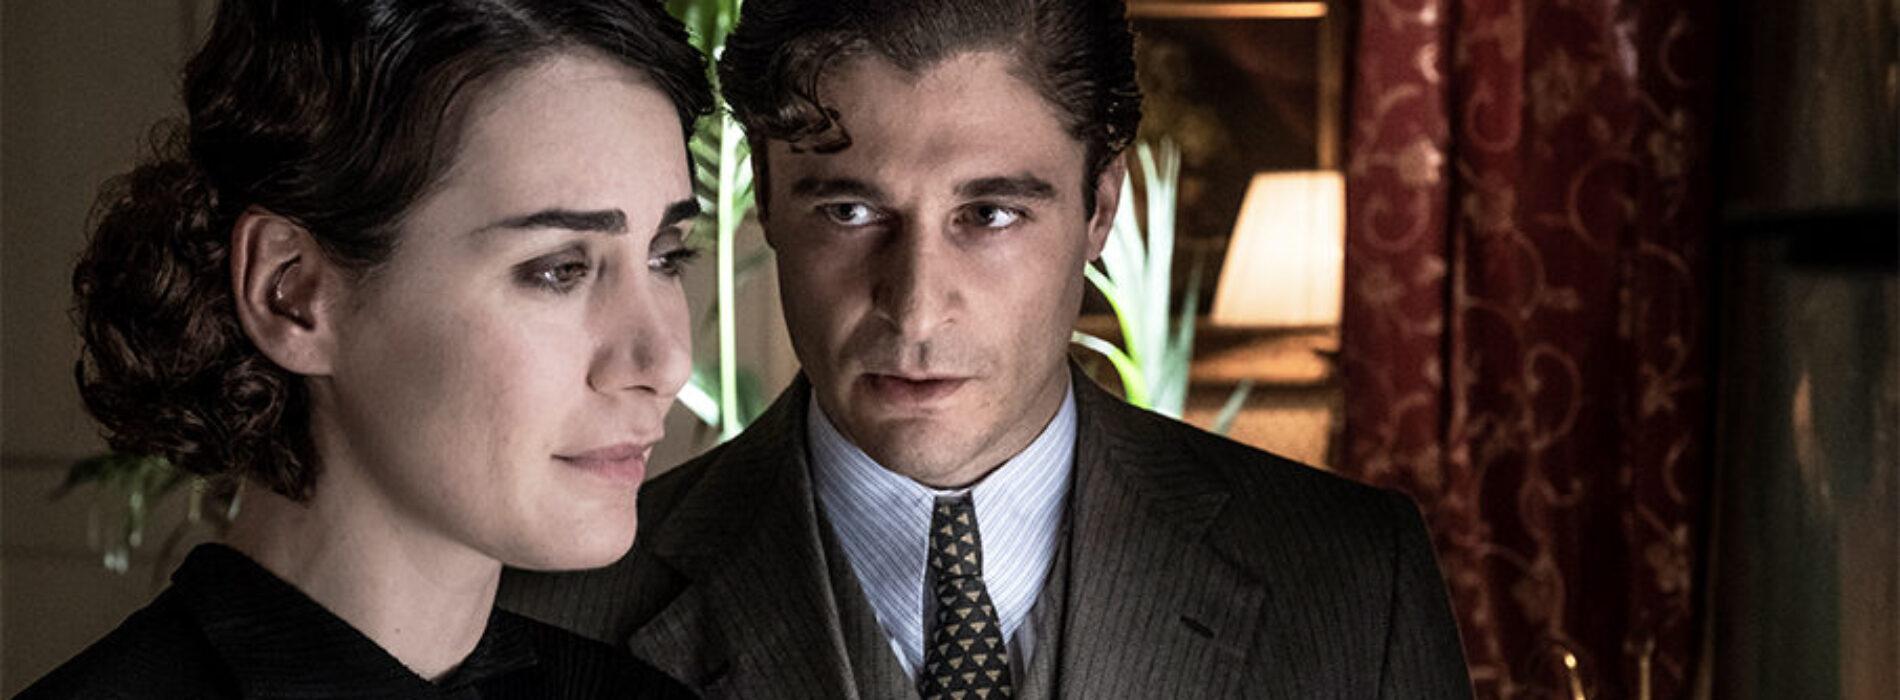 Il commissario Ricciardi, si chiude con Maria Angela Robustelli